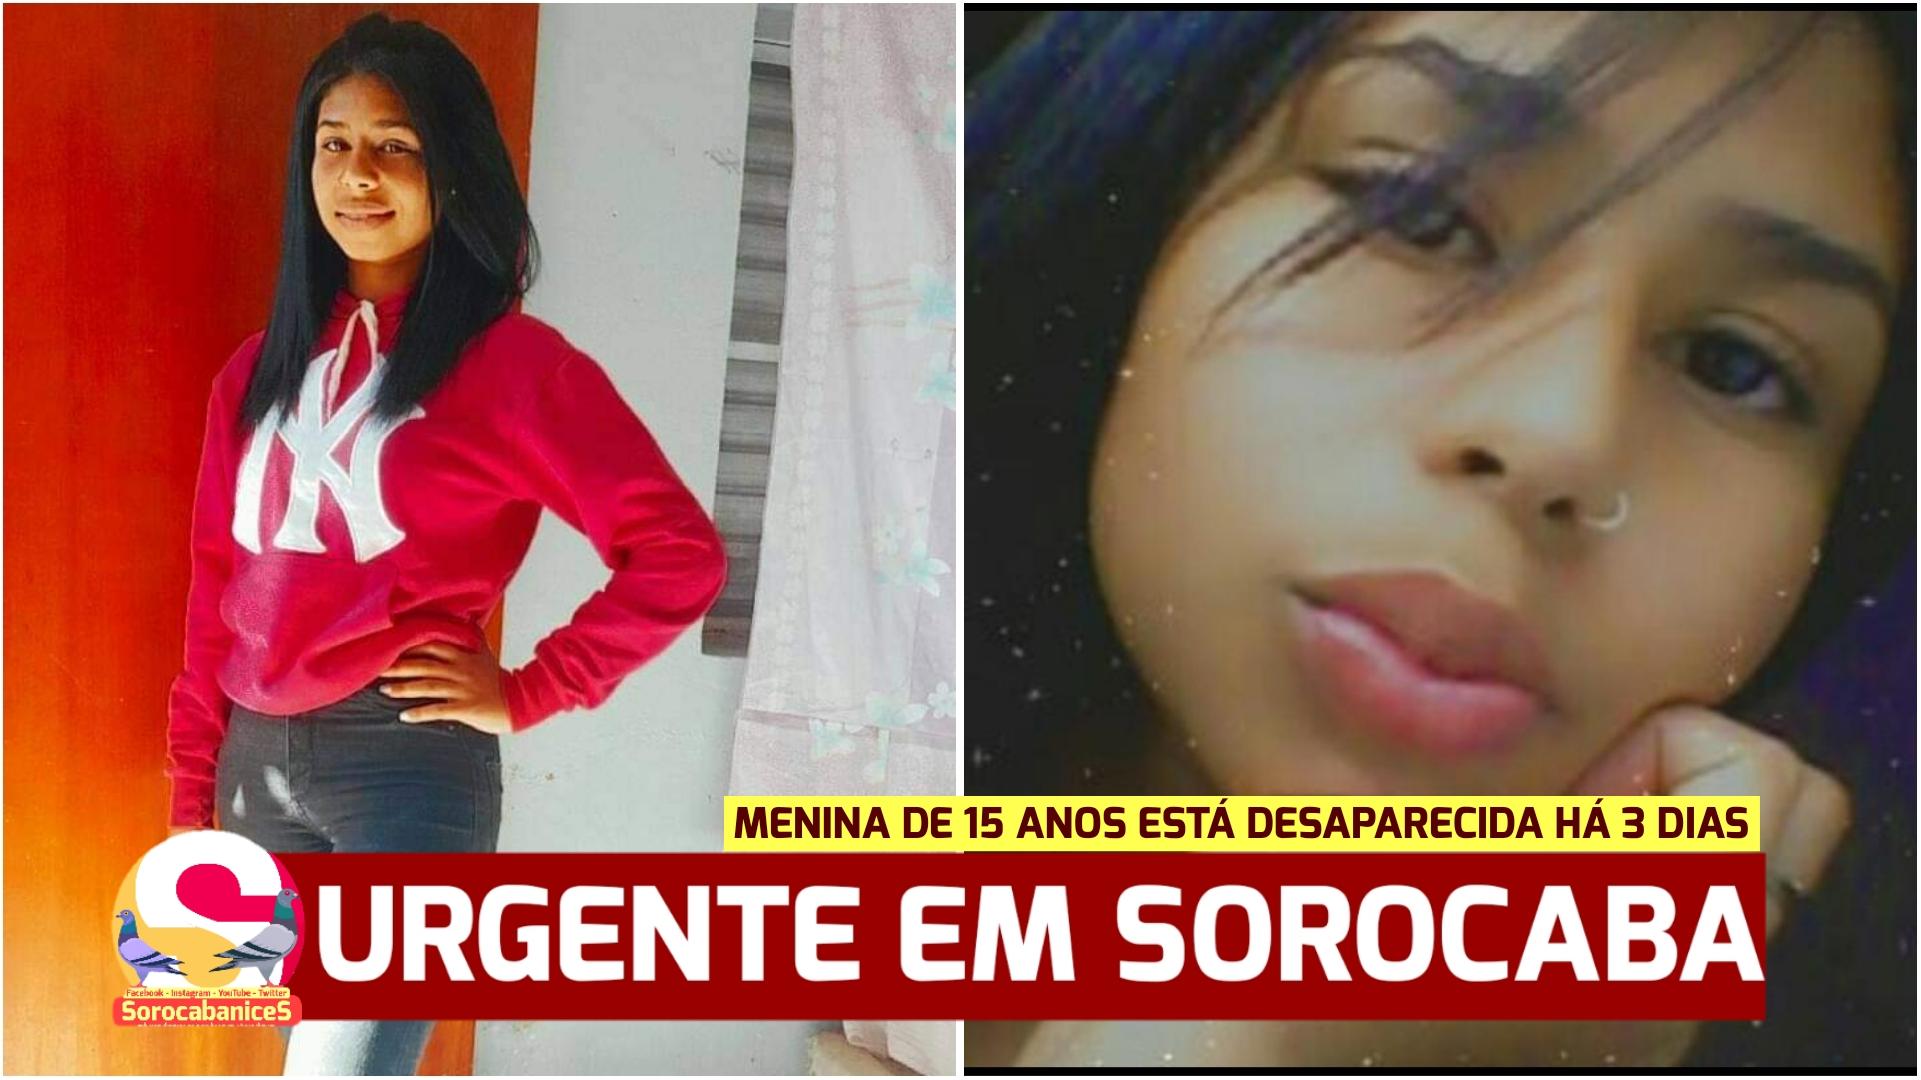 Menina de 15 anos está desaparecida há 3 dias em Sorocaba; família está desesperada